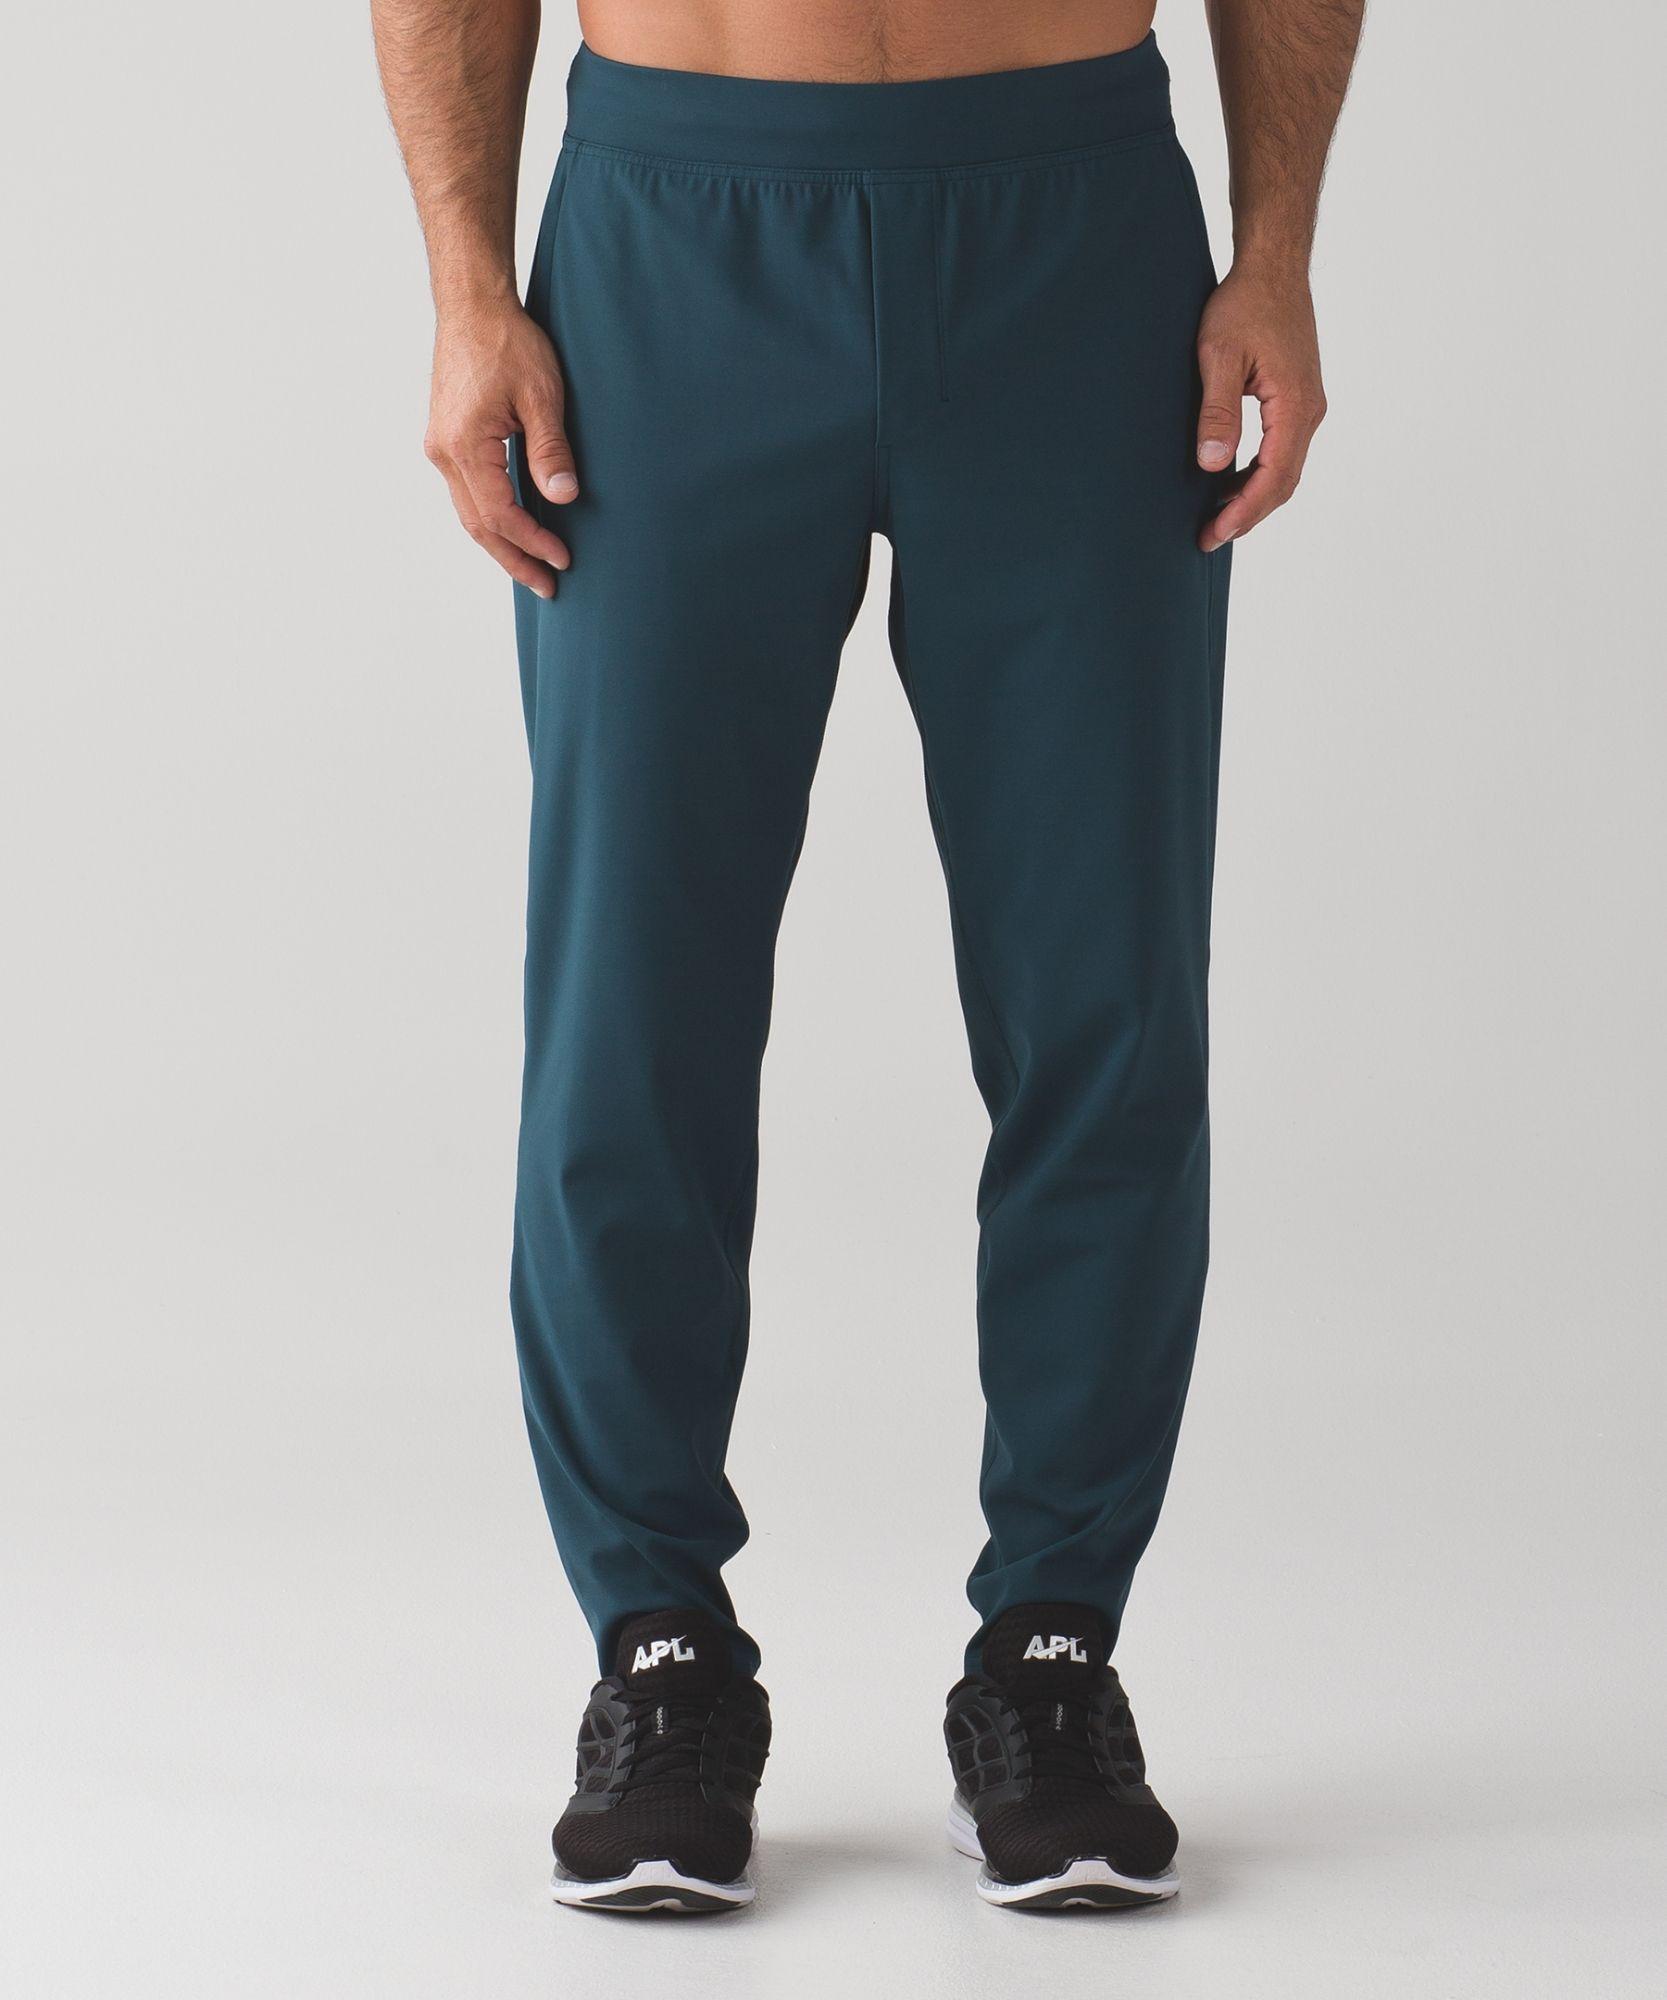 de0f233954 Men's Running Pants - (indochine blue, Size M) - Surge Pant *DWR ...